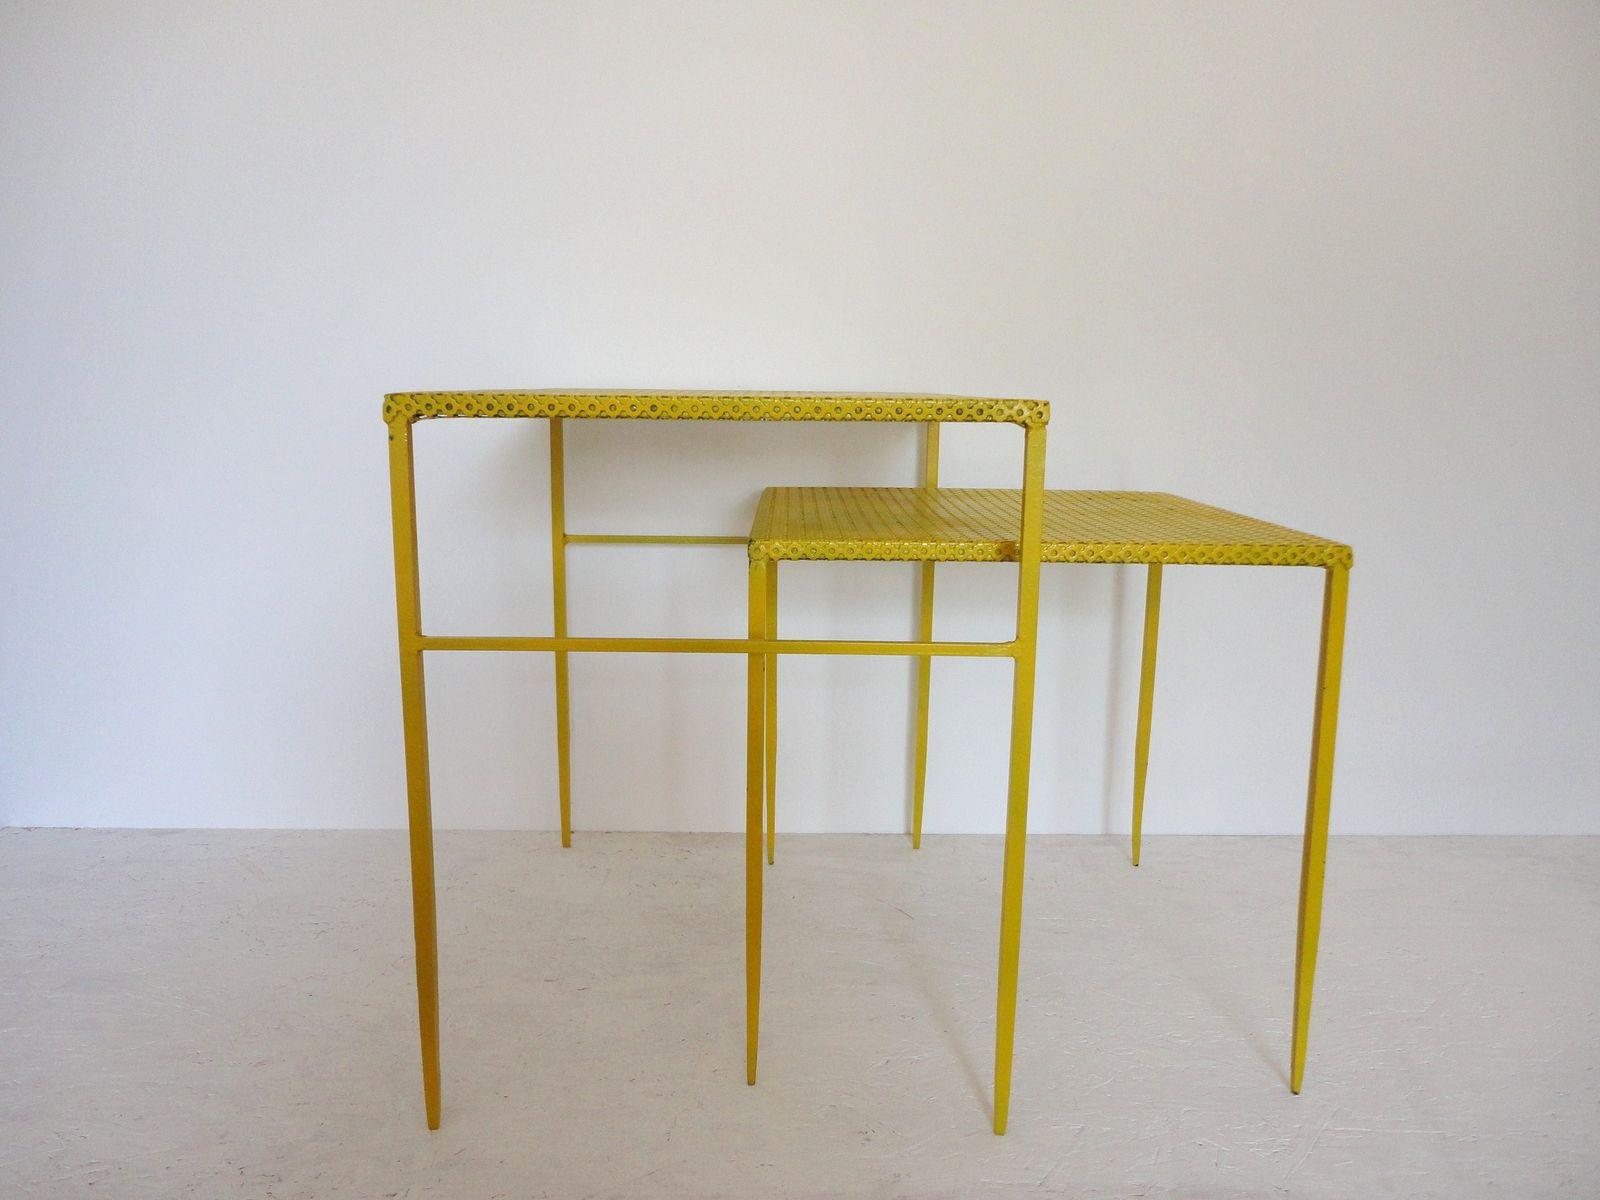 Beistelltische aus metall von mathieu mategot 1950er 2er for Designer beistelltische metall